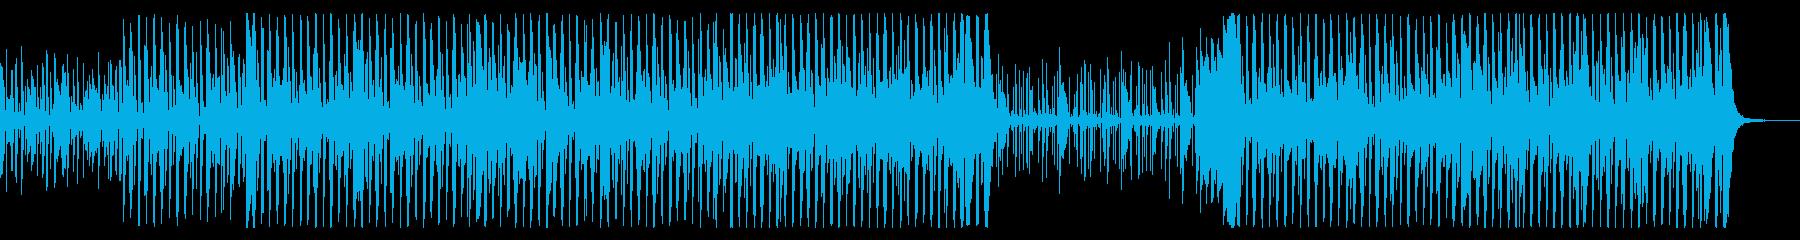 ファンクとソウルの要素を備えたグルーヴィの再生済みの波形